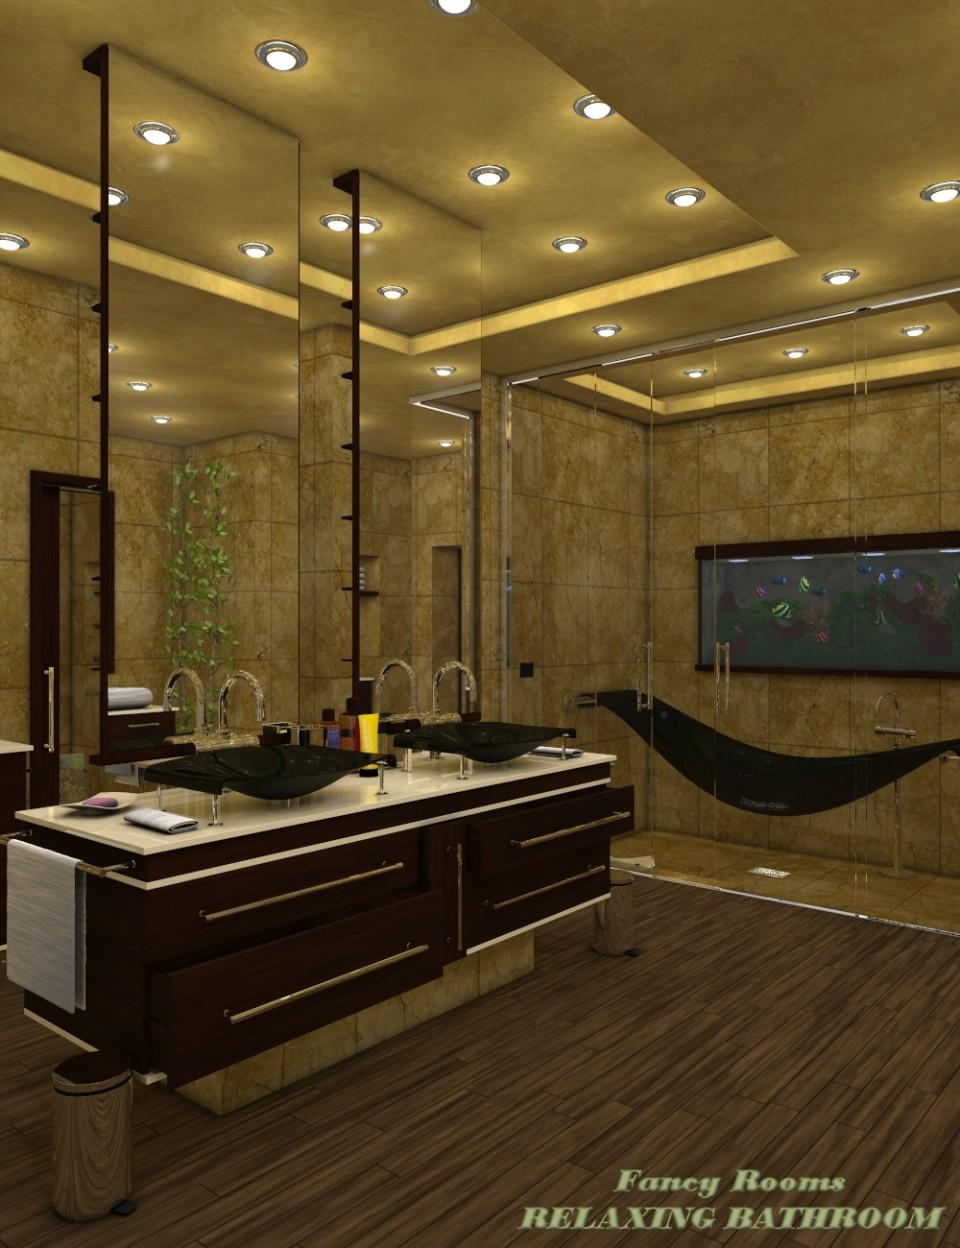 Fancy Rooms – Relaxing Bathroom